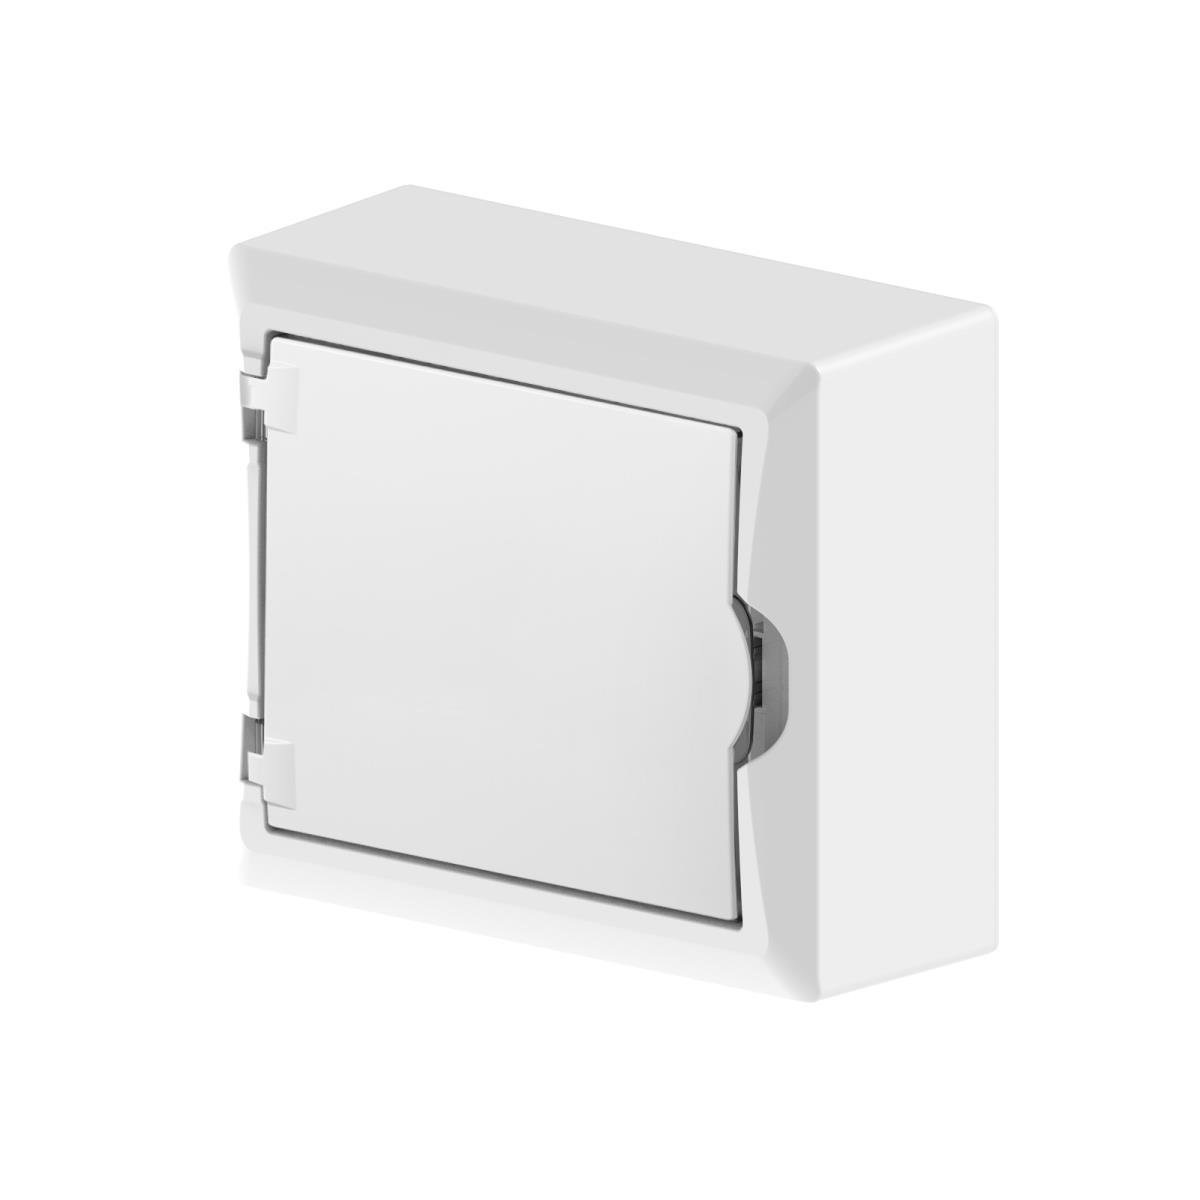 Sicherungskasten Verteilerkasten Aufputzverteiler 8 Module Aufputz IP40,Elektro-Plast,2502-00, 5902012986523